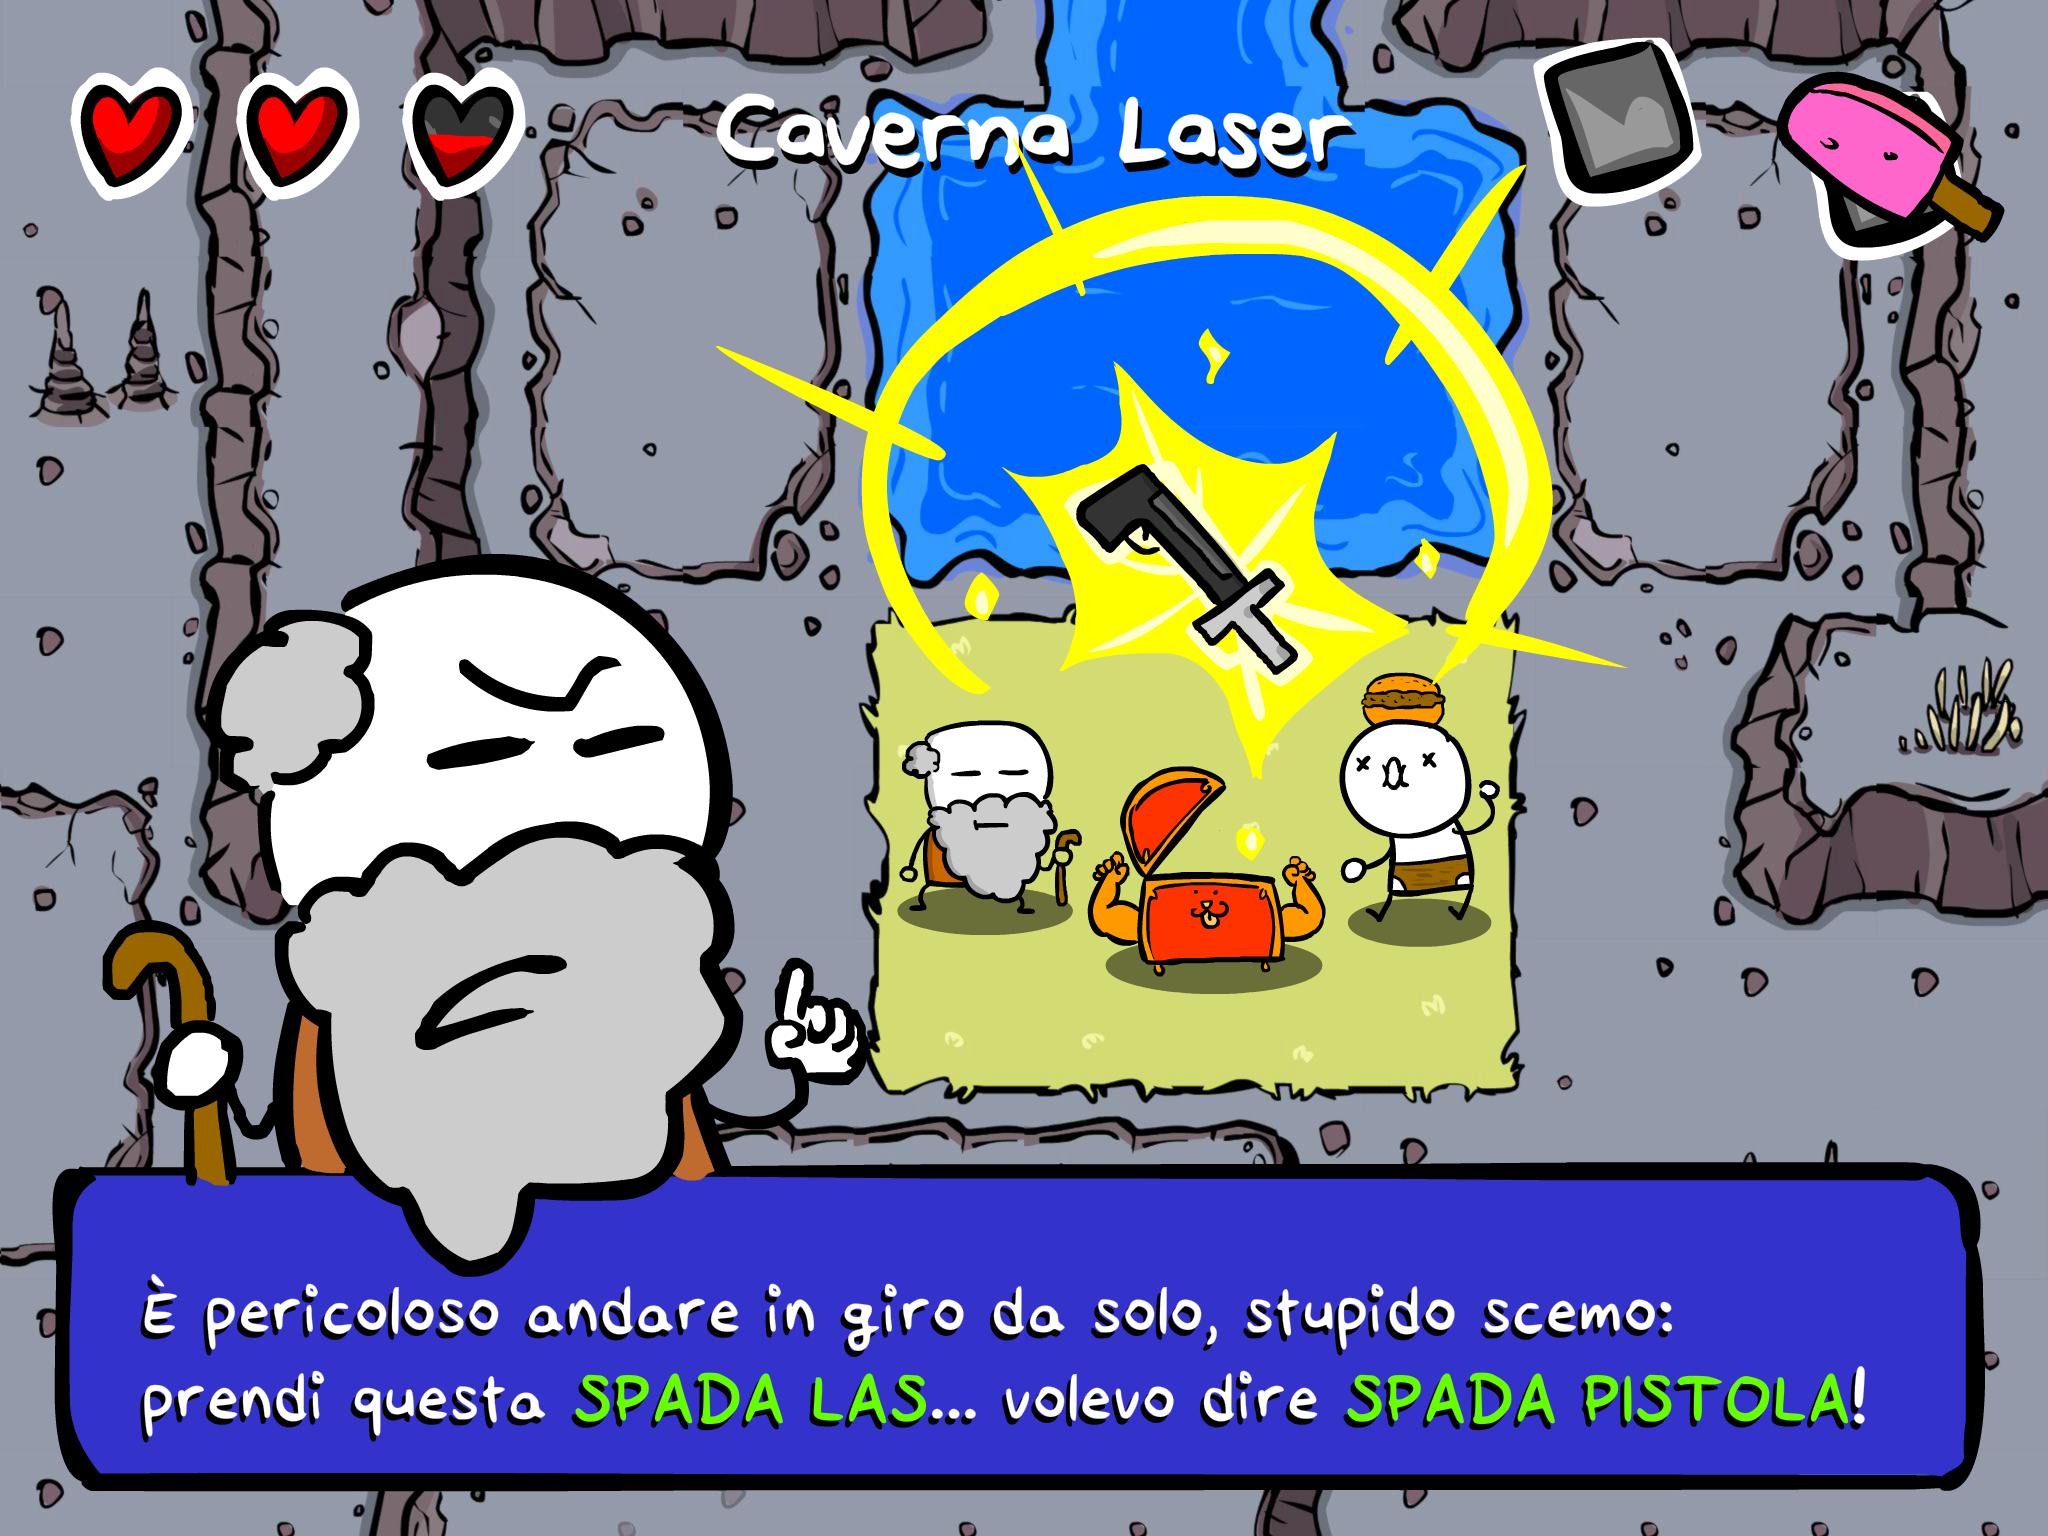 caverna_laser_dialogo